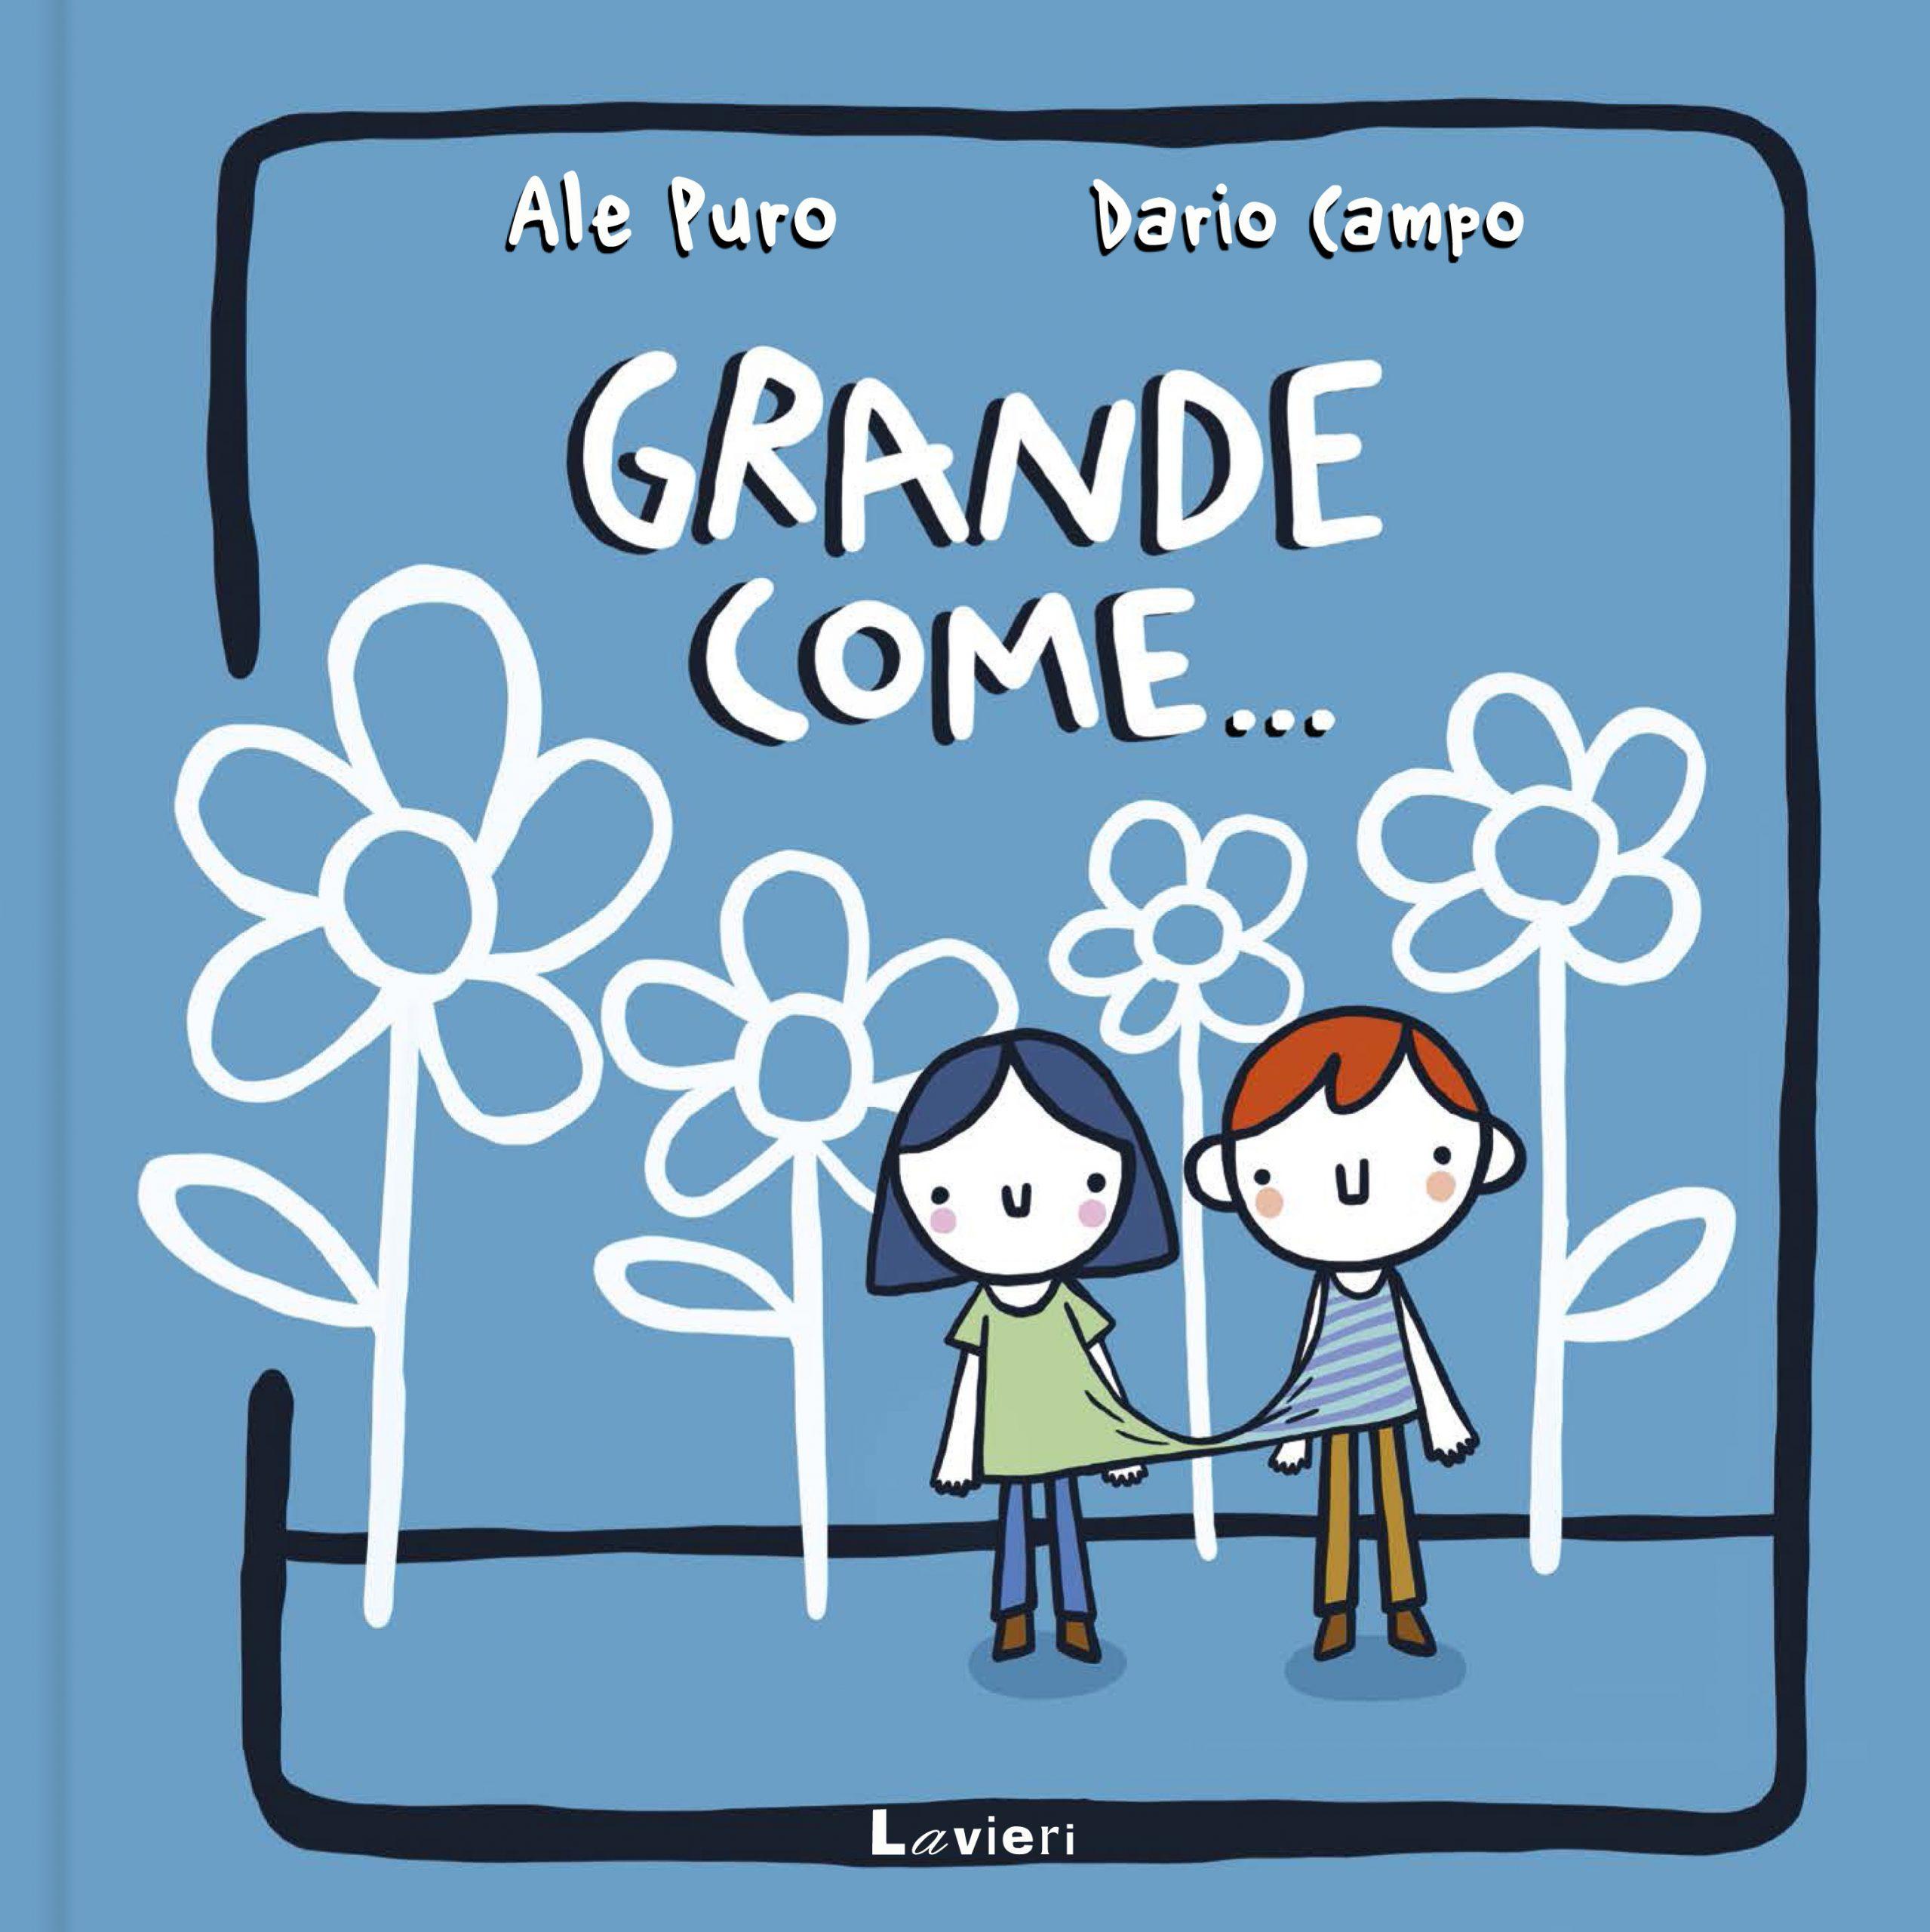 ale puro children's book